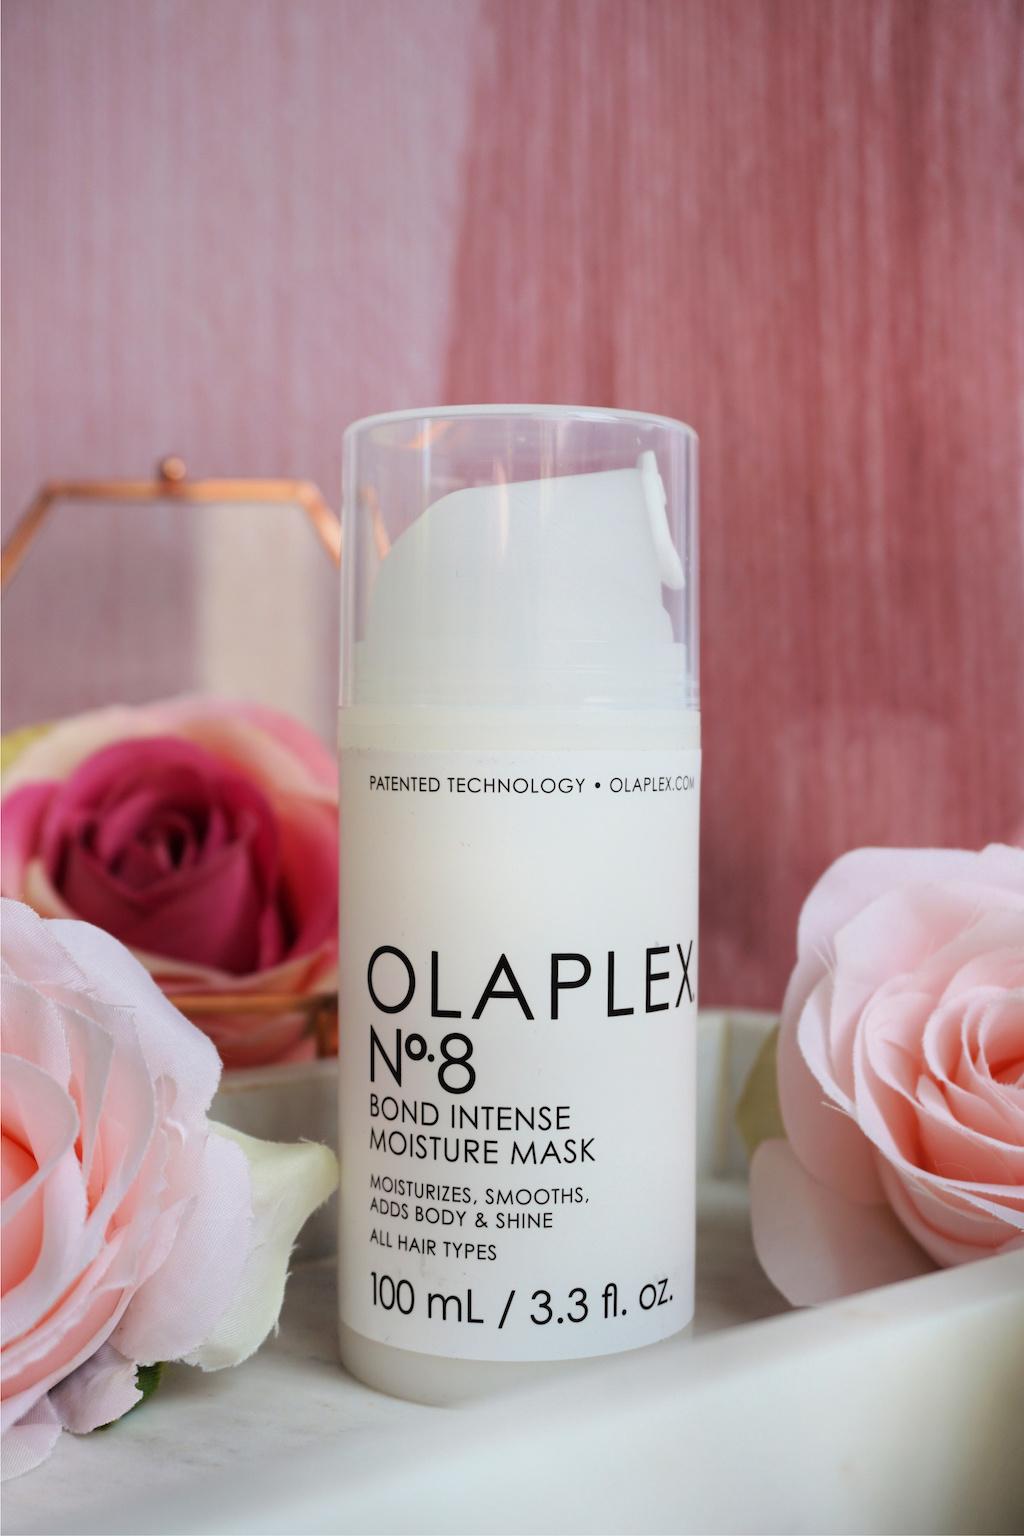 Olaplex No.8 Bond Intense Moisture Mask Haarmasker Review